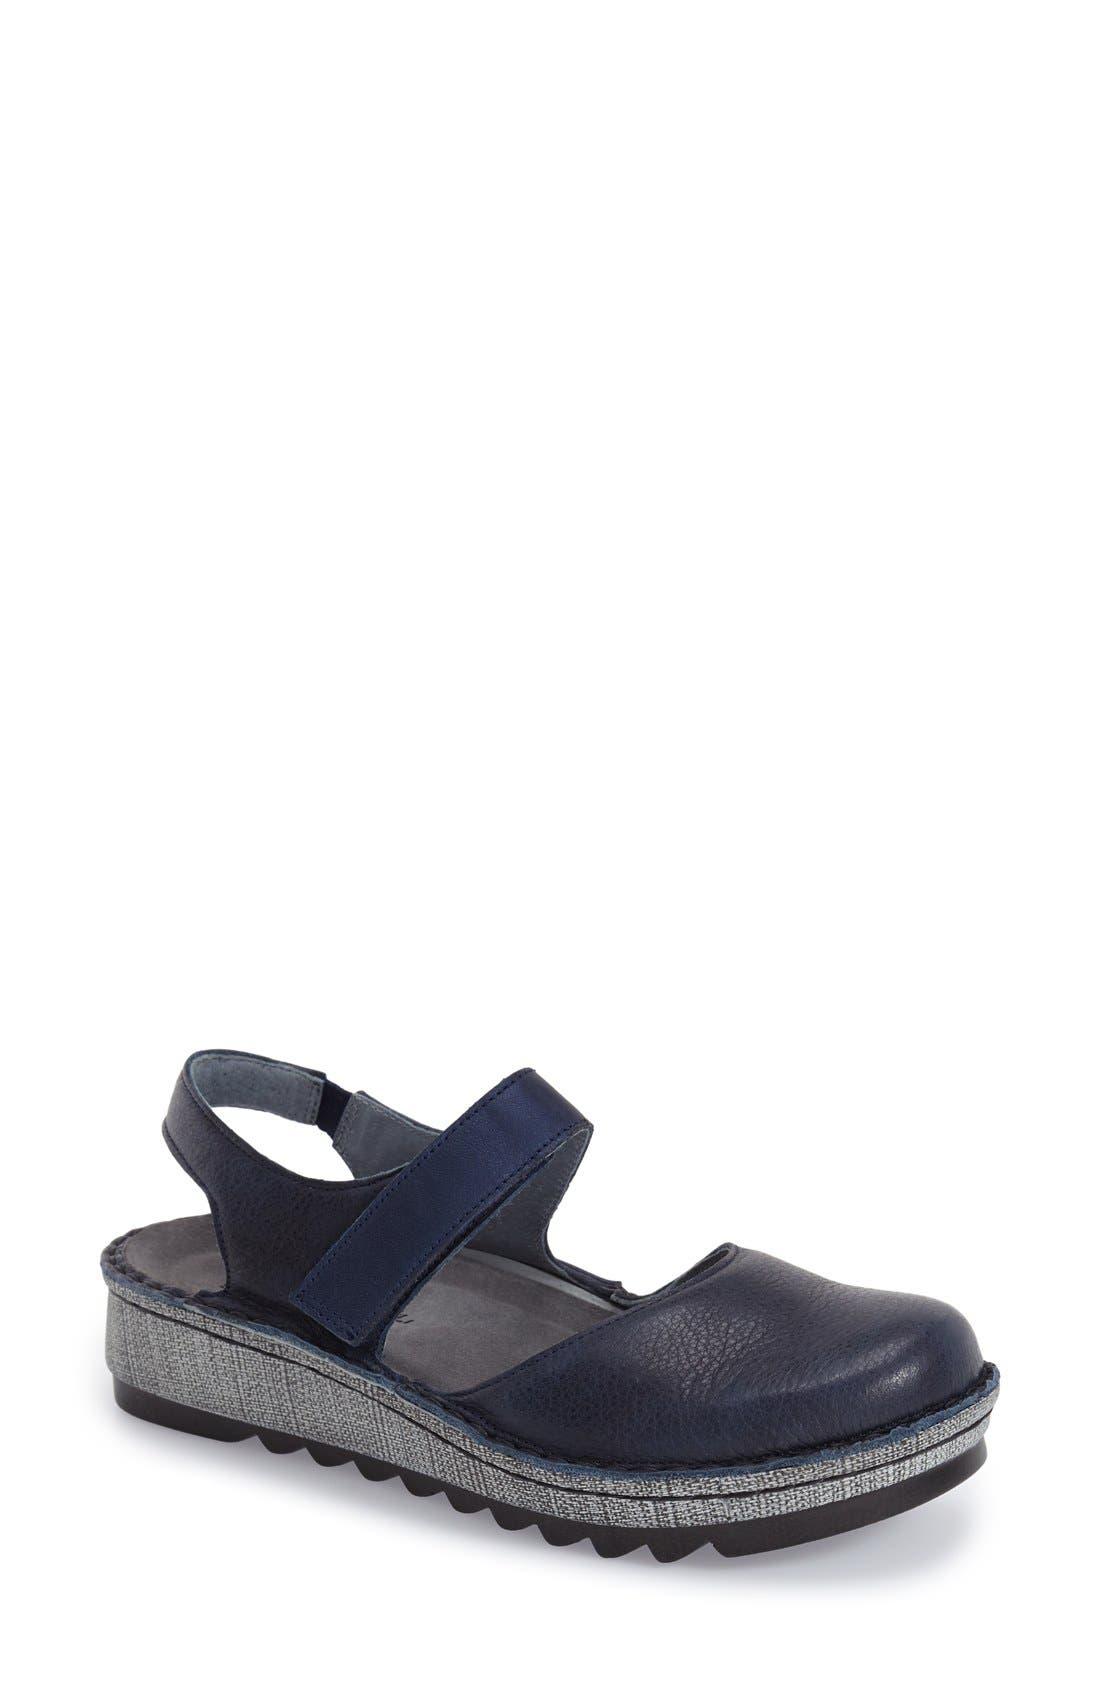 NAOT 'Lantana' Sandal